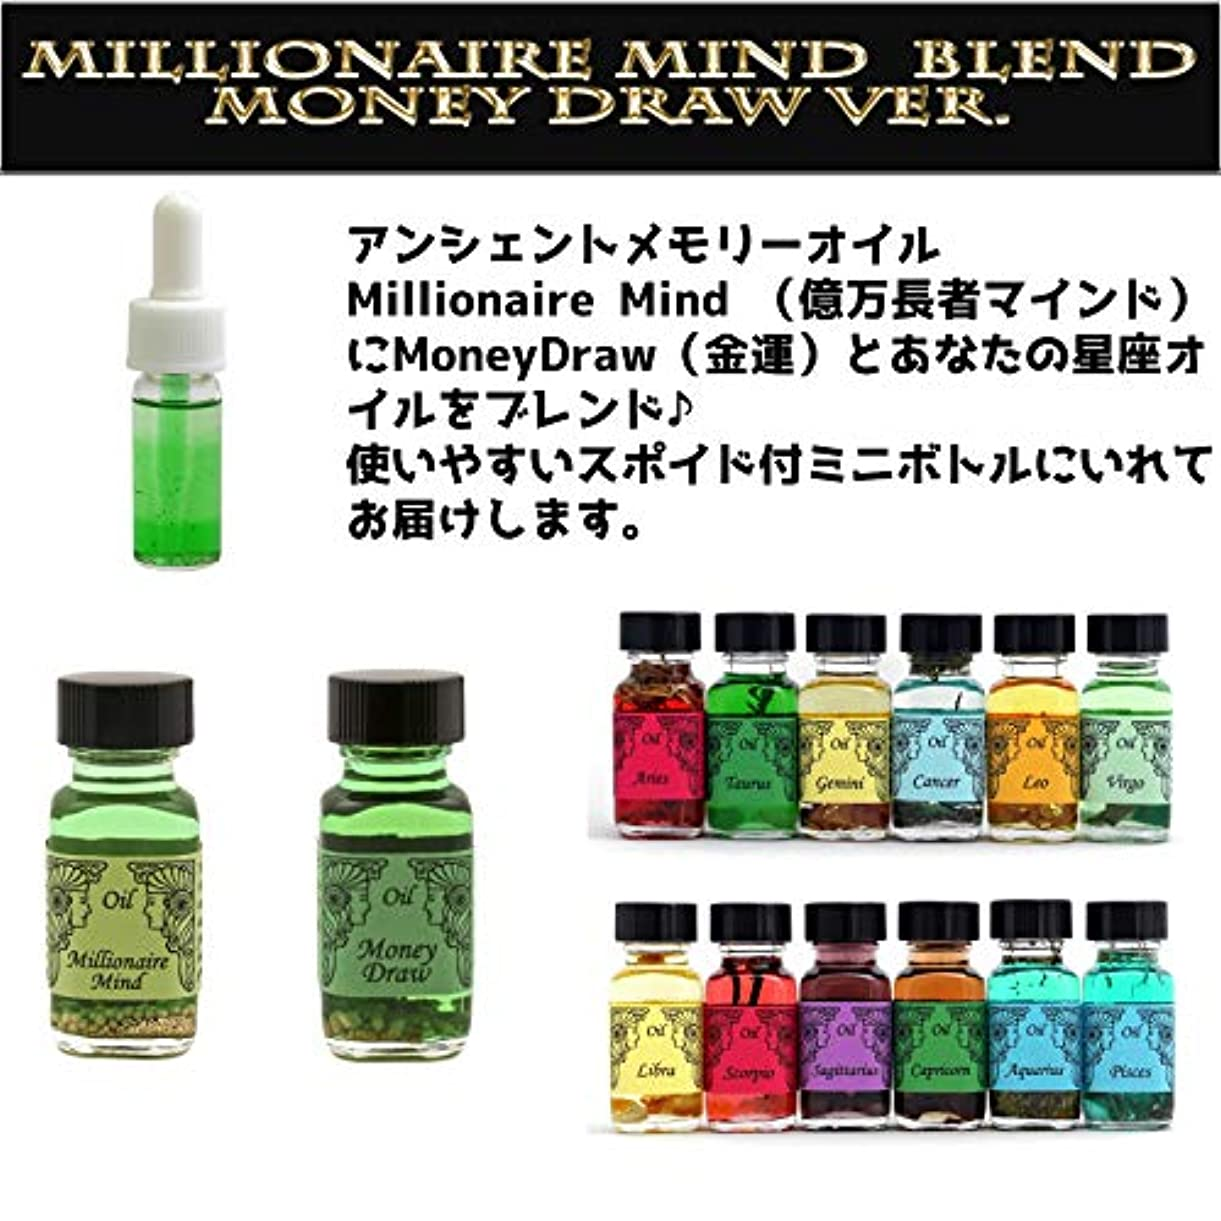 最も拾う私たちのものアンシェントメモリーオイル Millionaire Mind 億万長者マインド ブレンド(Money Drawマネードロー(金運)&みずがめ座